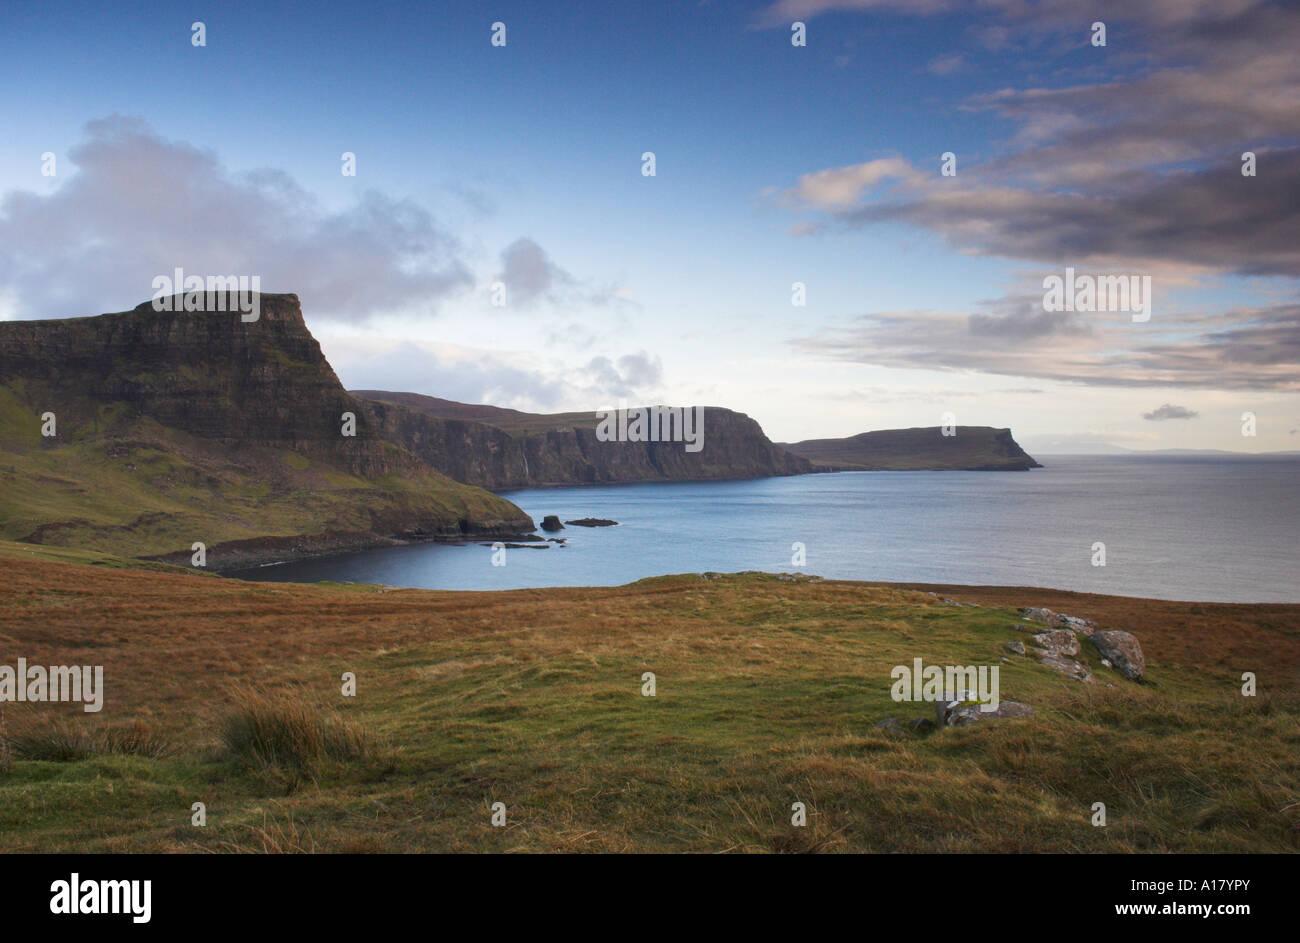 Foto horizontal del atardecer en moonen bahía cerca de neist point en la isla de sky en Escocia Foto de stock